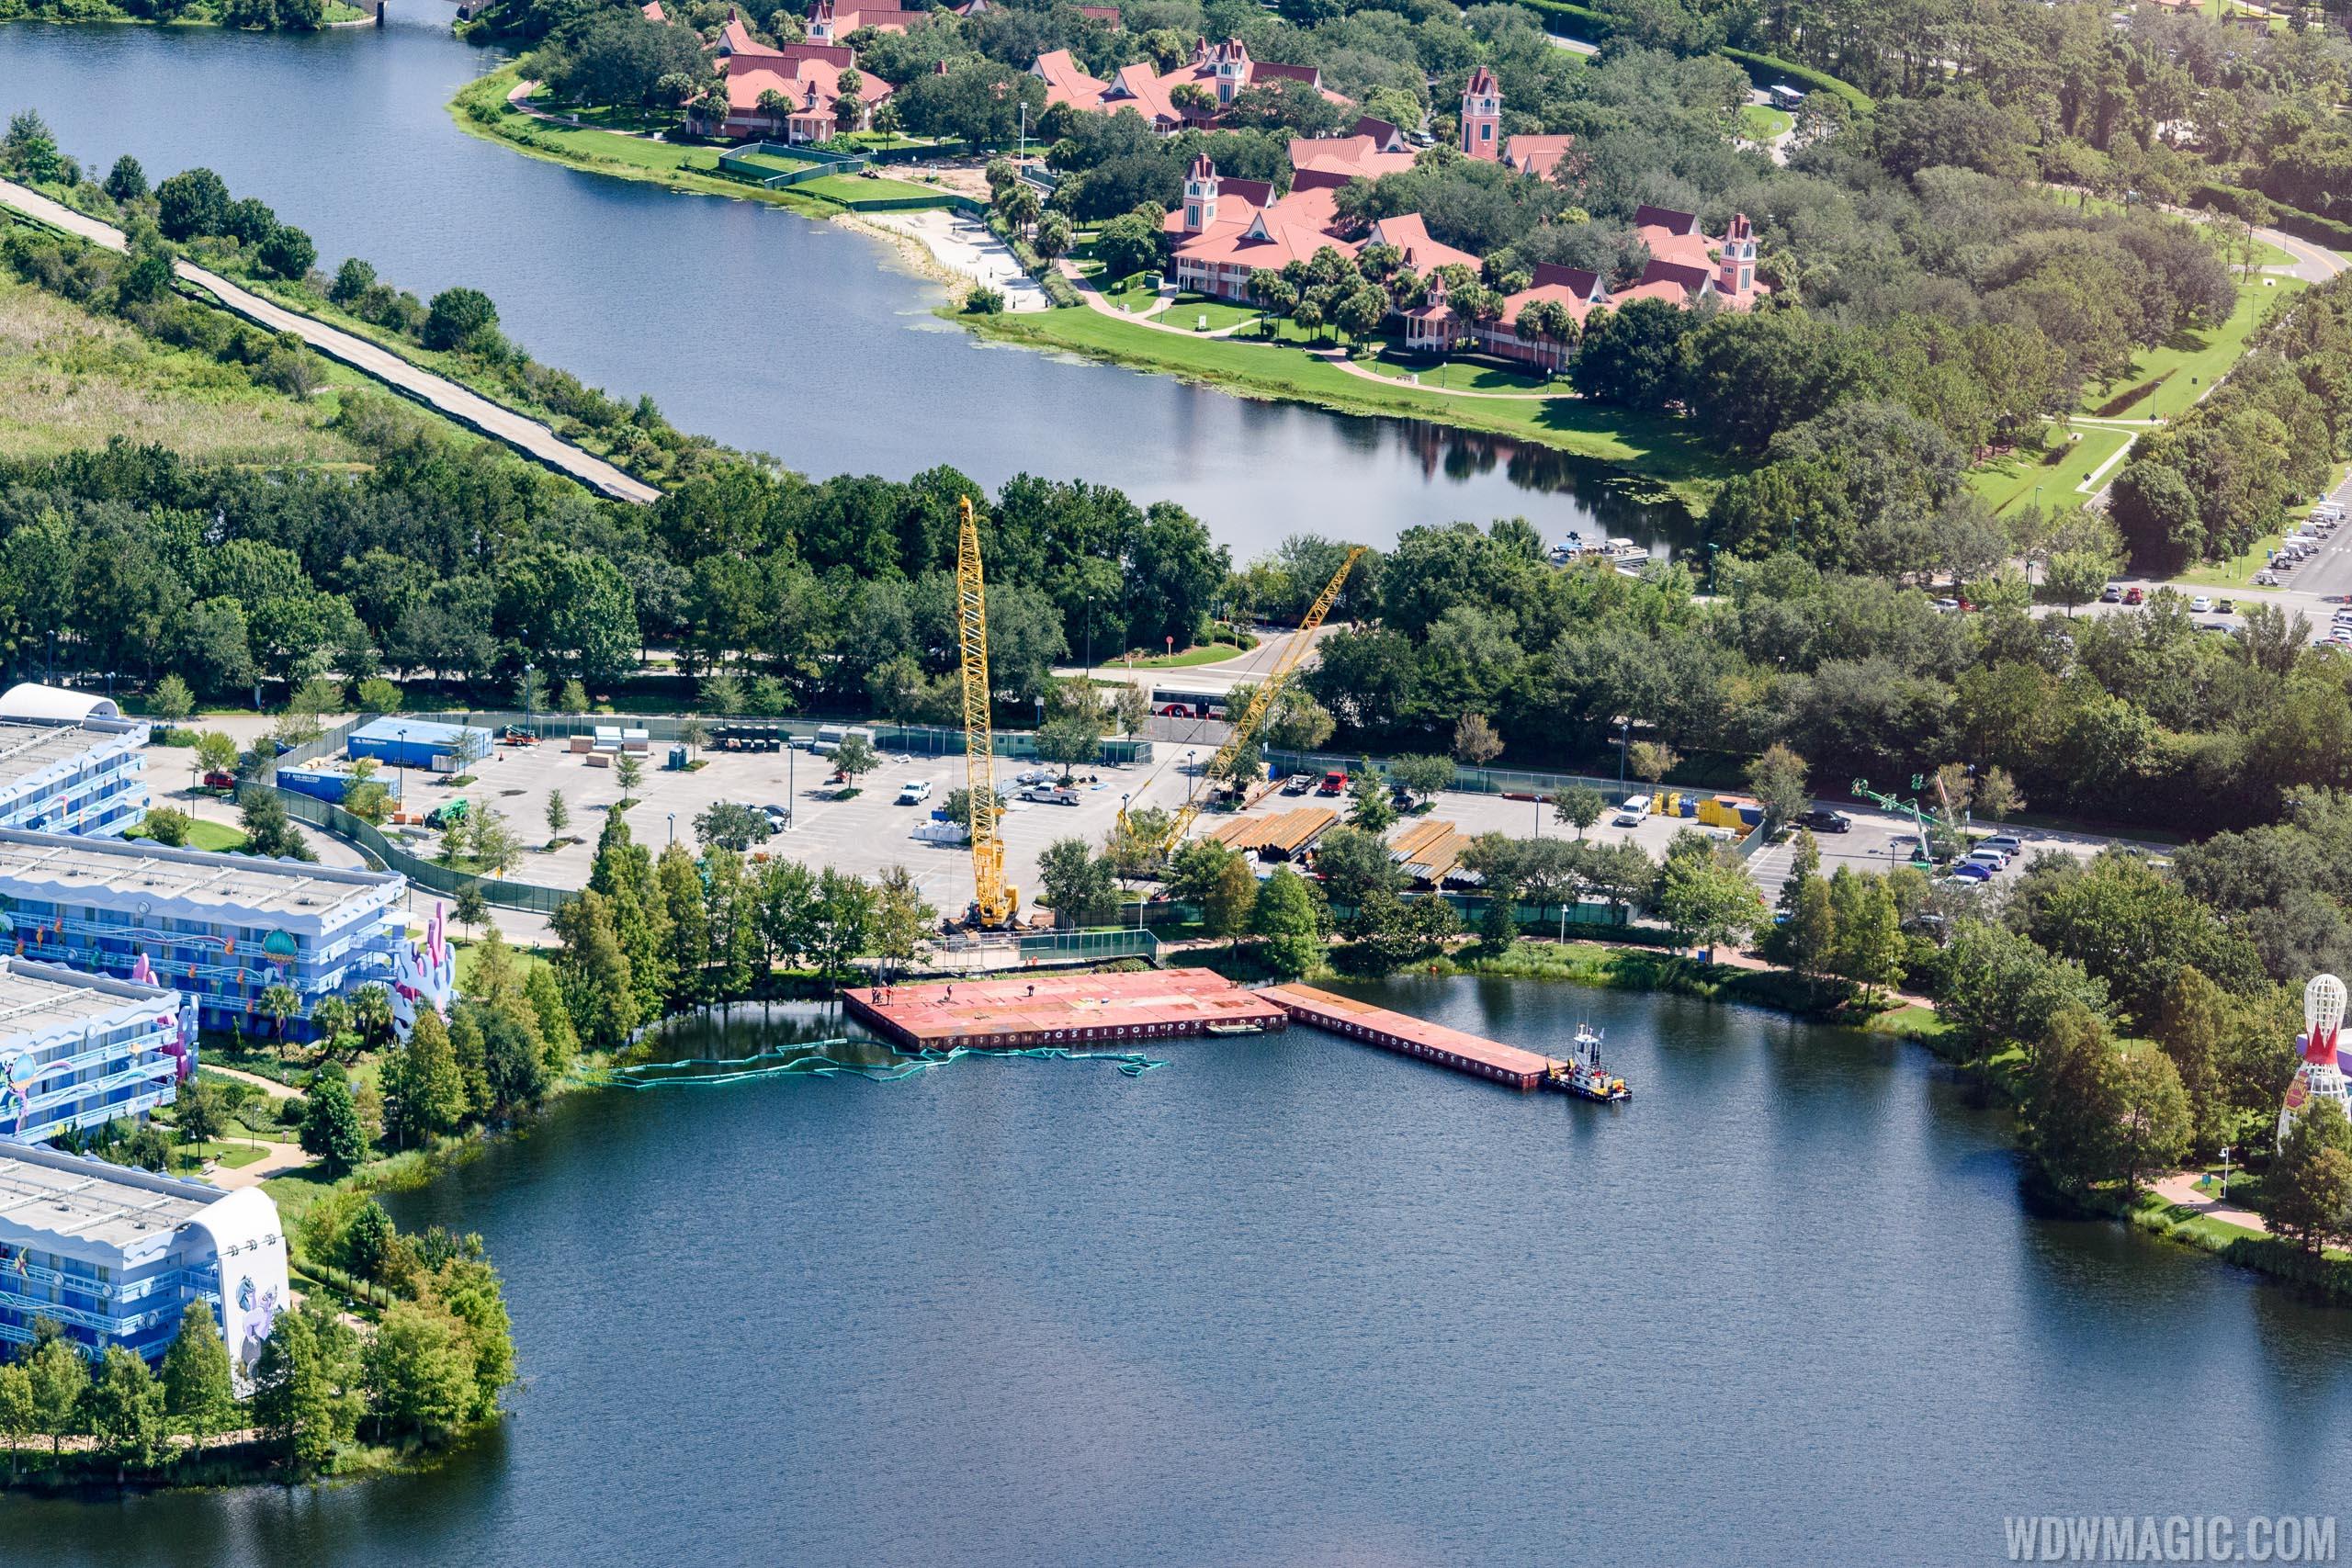 Disney Skyliner construction at Pop Century Resort